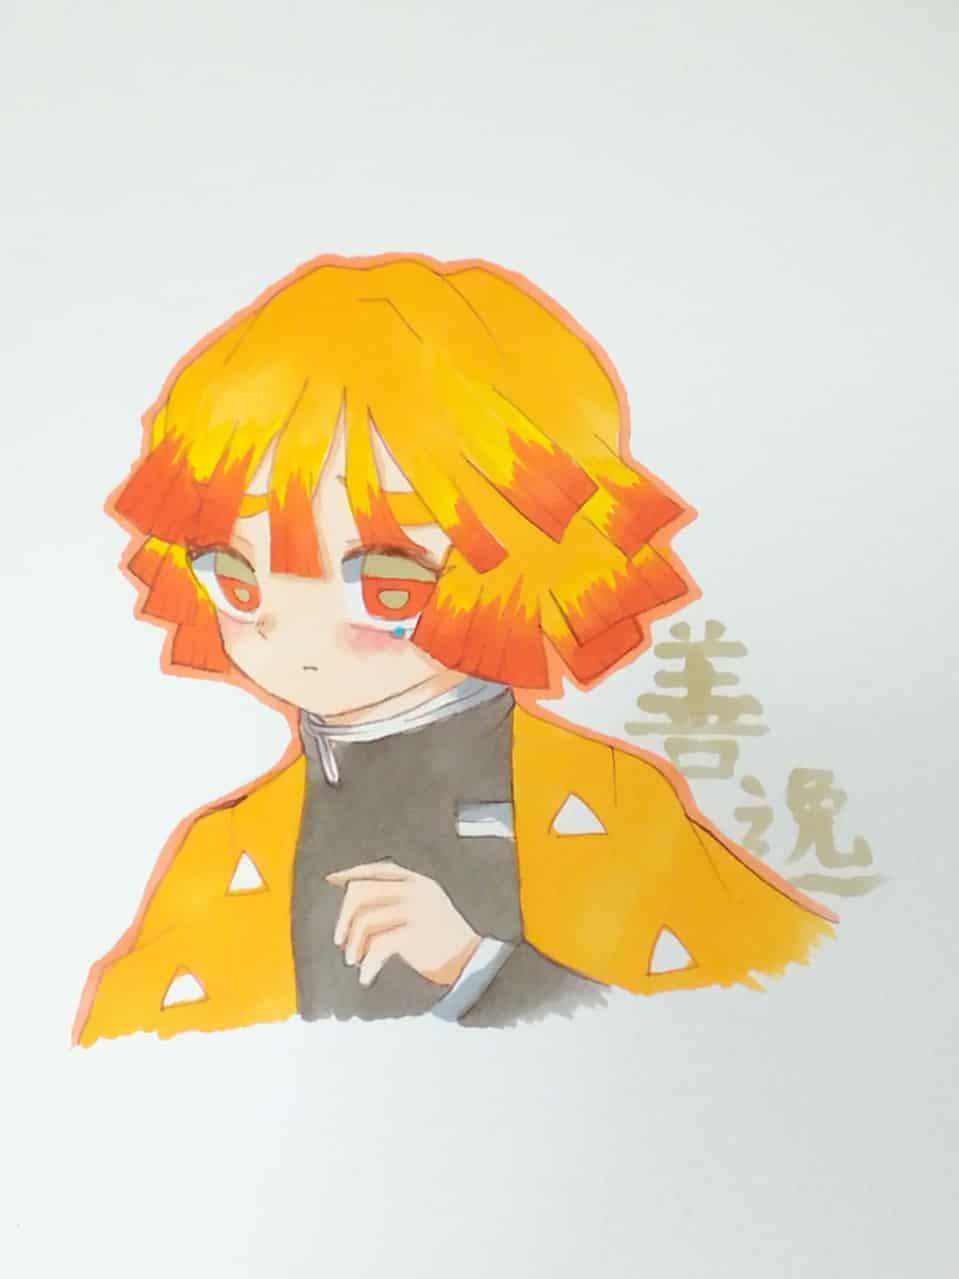 りりもんさんのリクエスト!(記号がわかりませんでした) Illust of いと AgatsumaZenitsu Copic KimetsunoYaiba